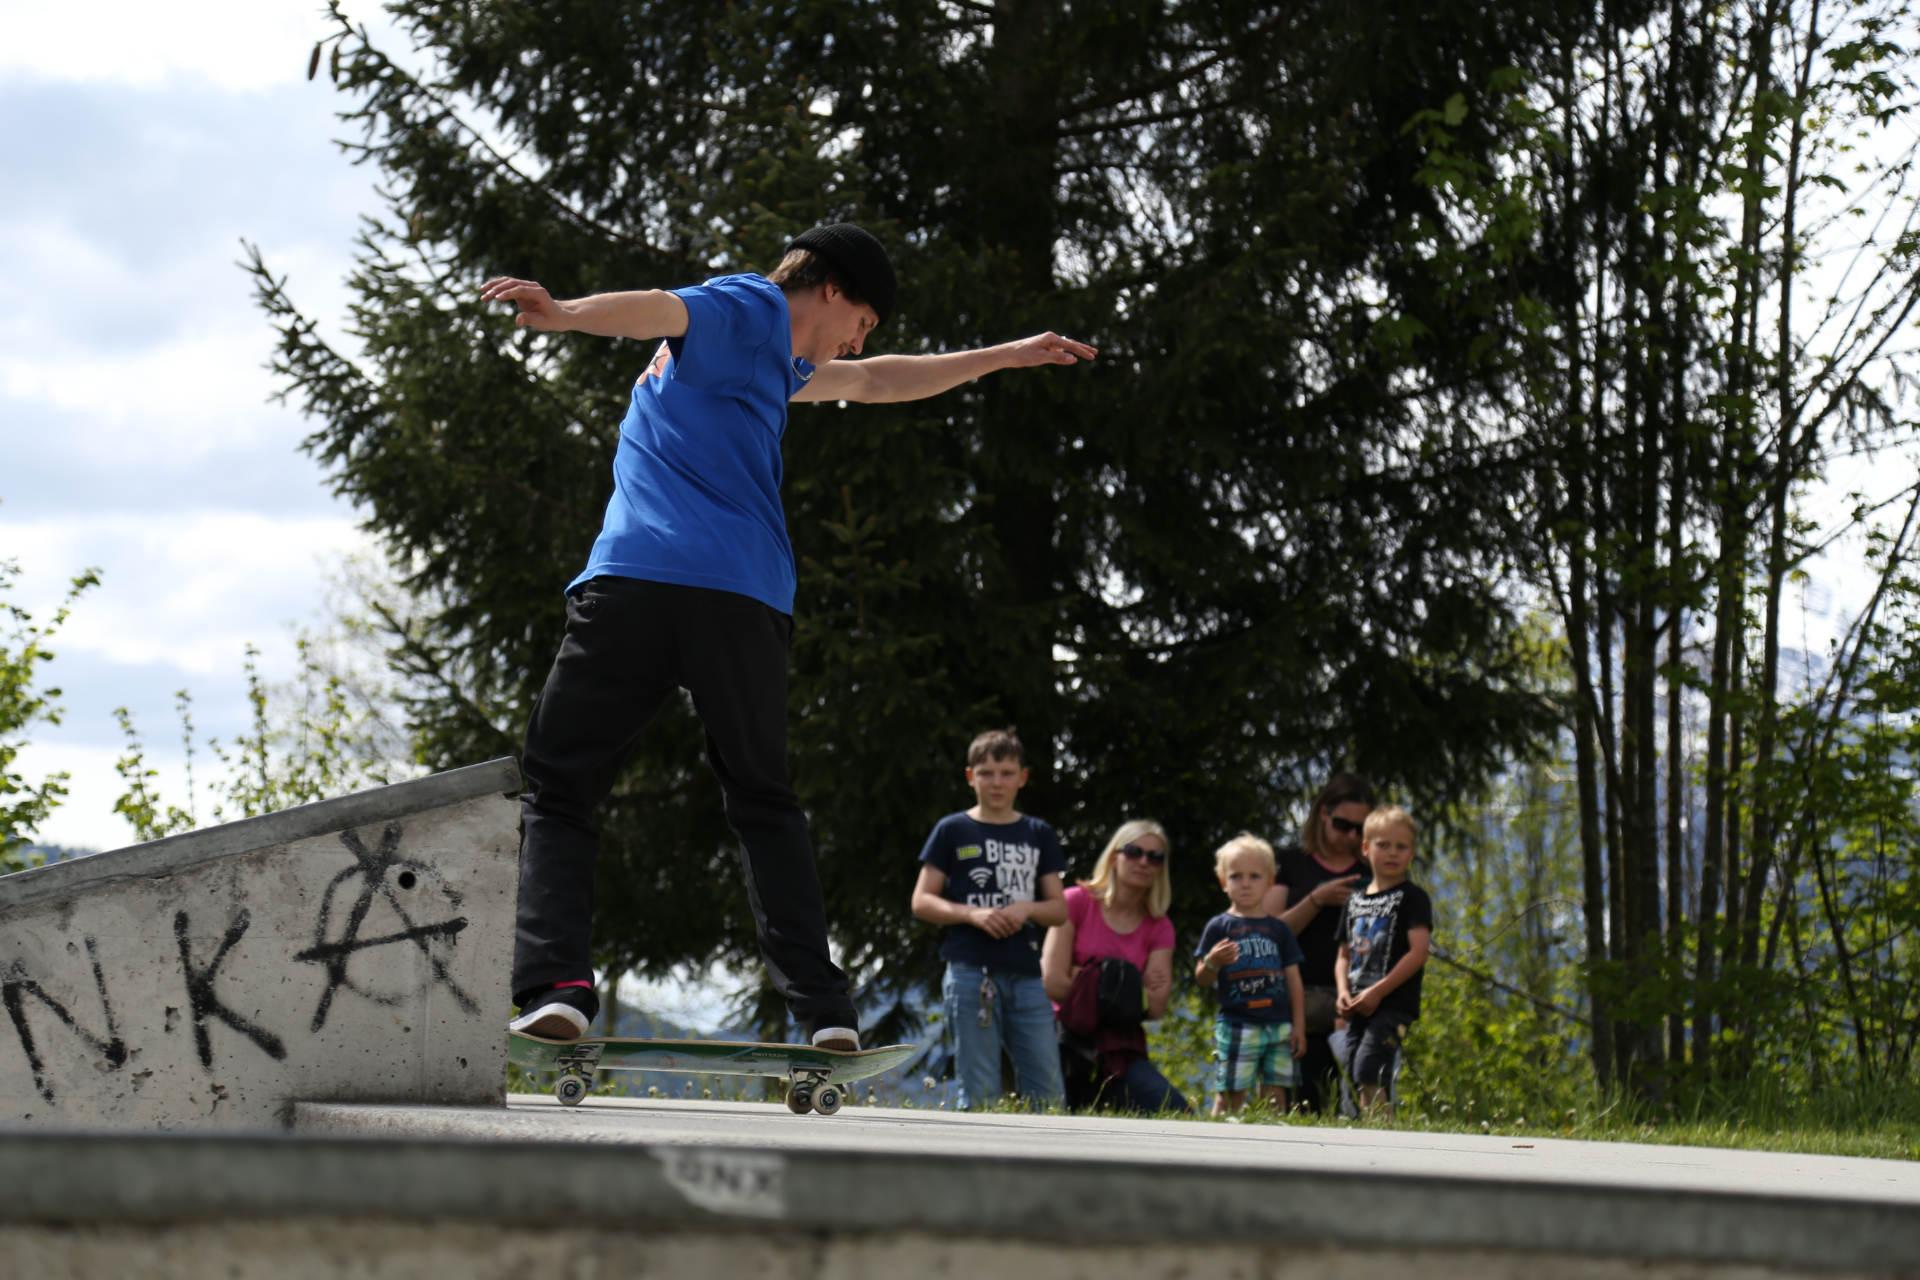 skateboard headz fieberbrunn kgt kitz gau trophy 2019 saalfelden hell00096